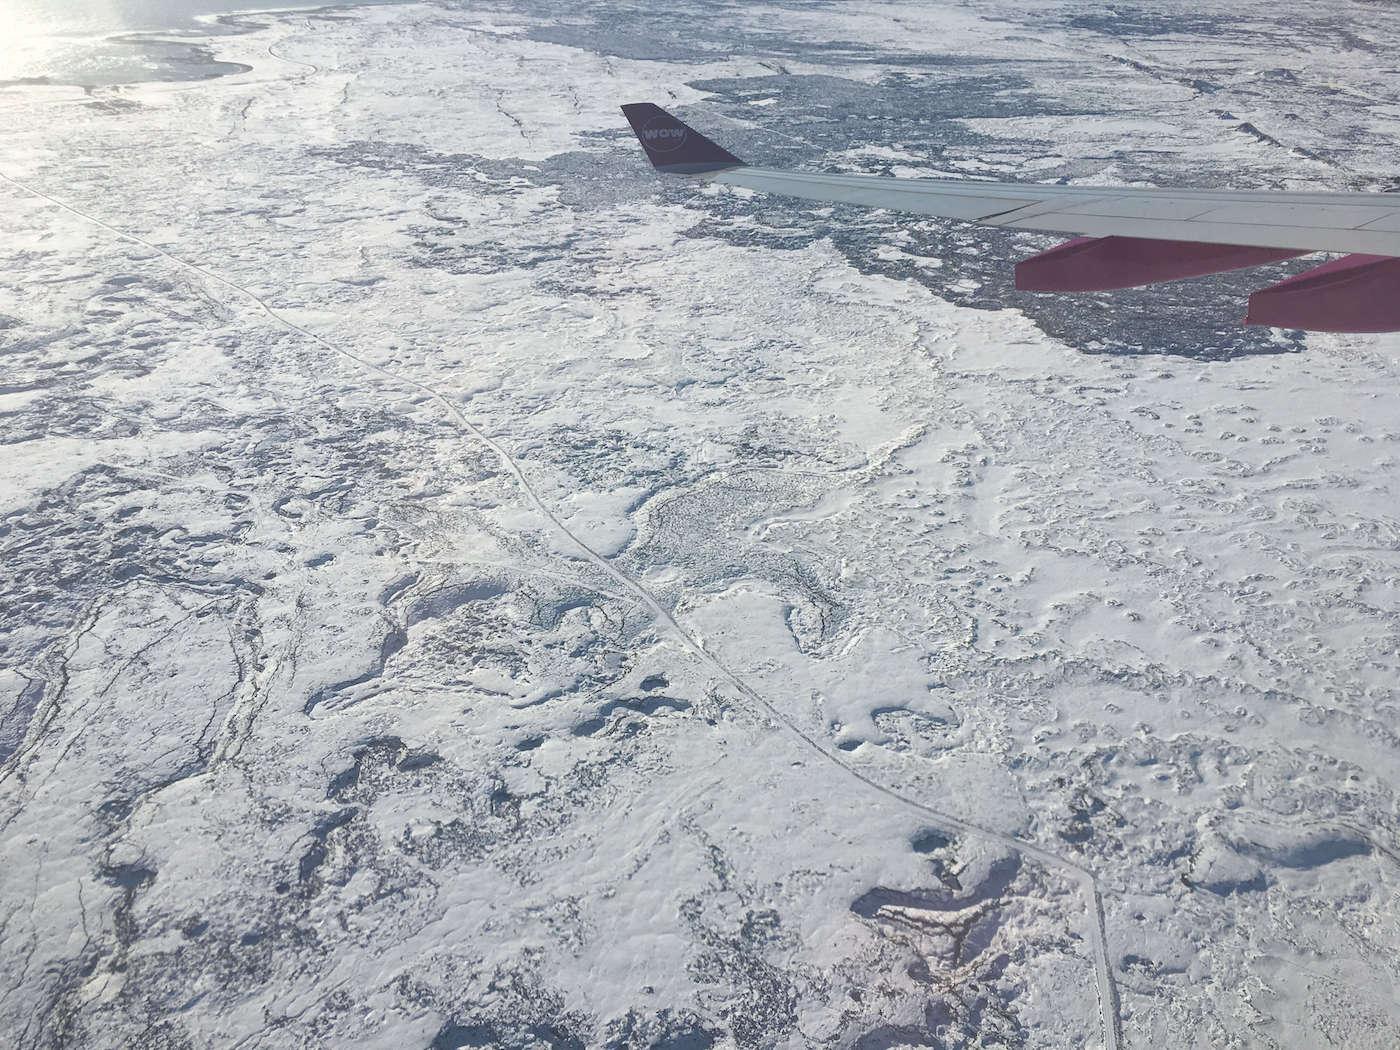 Vista de Iceland através da Janela do avião, o país todo branco de neve